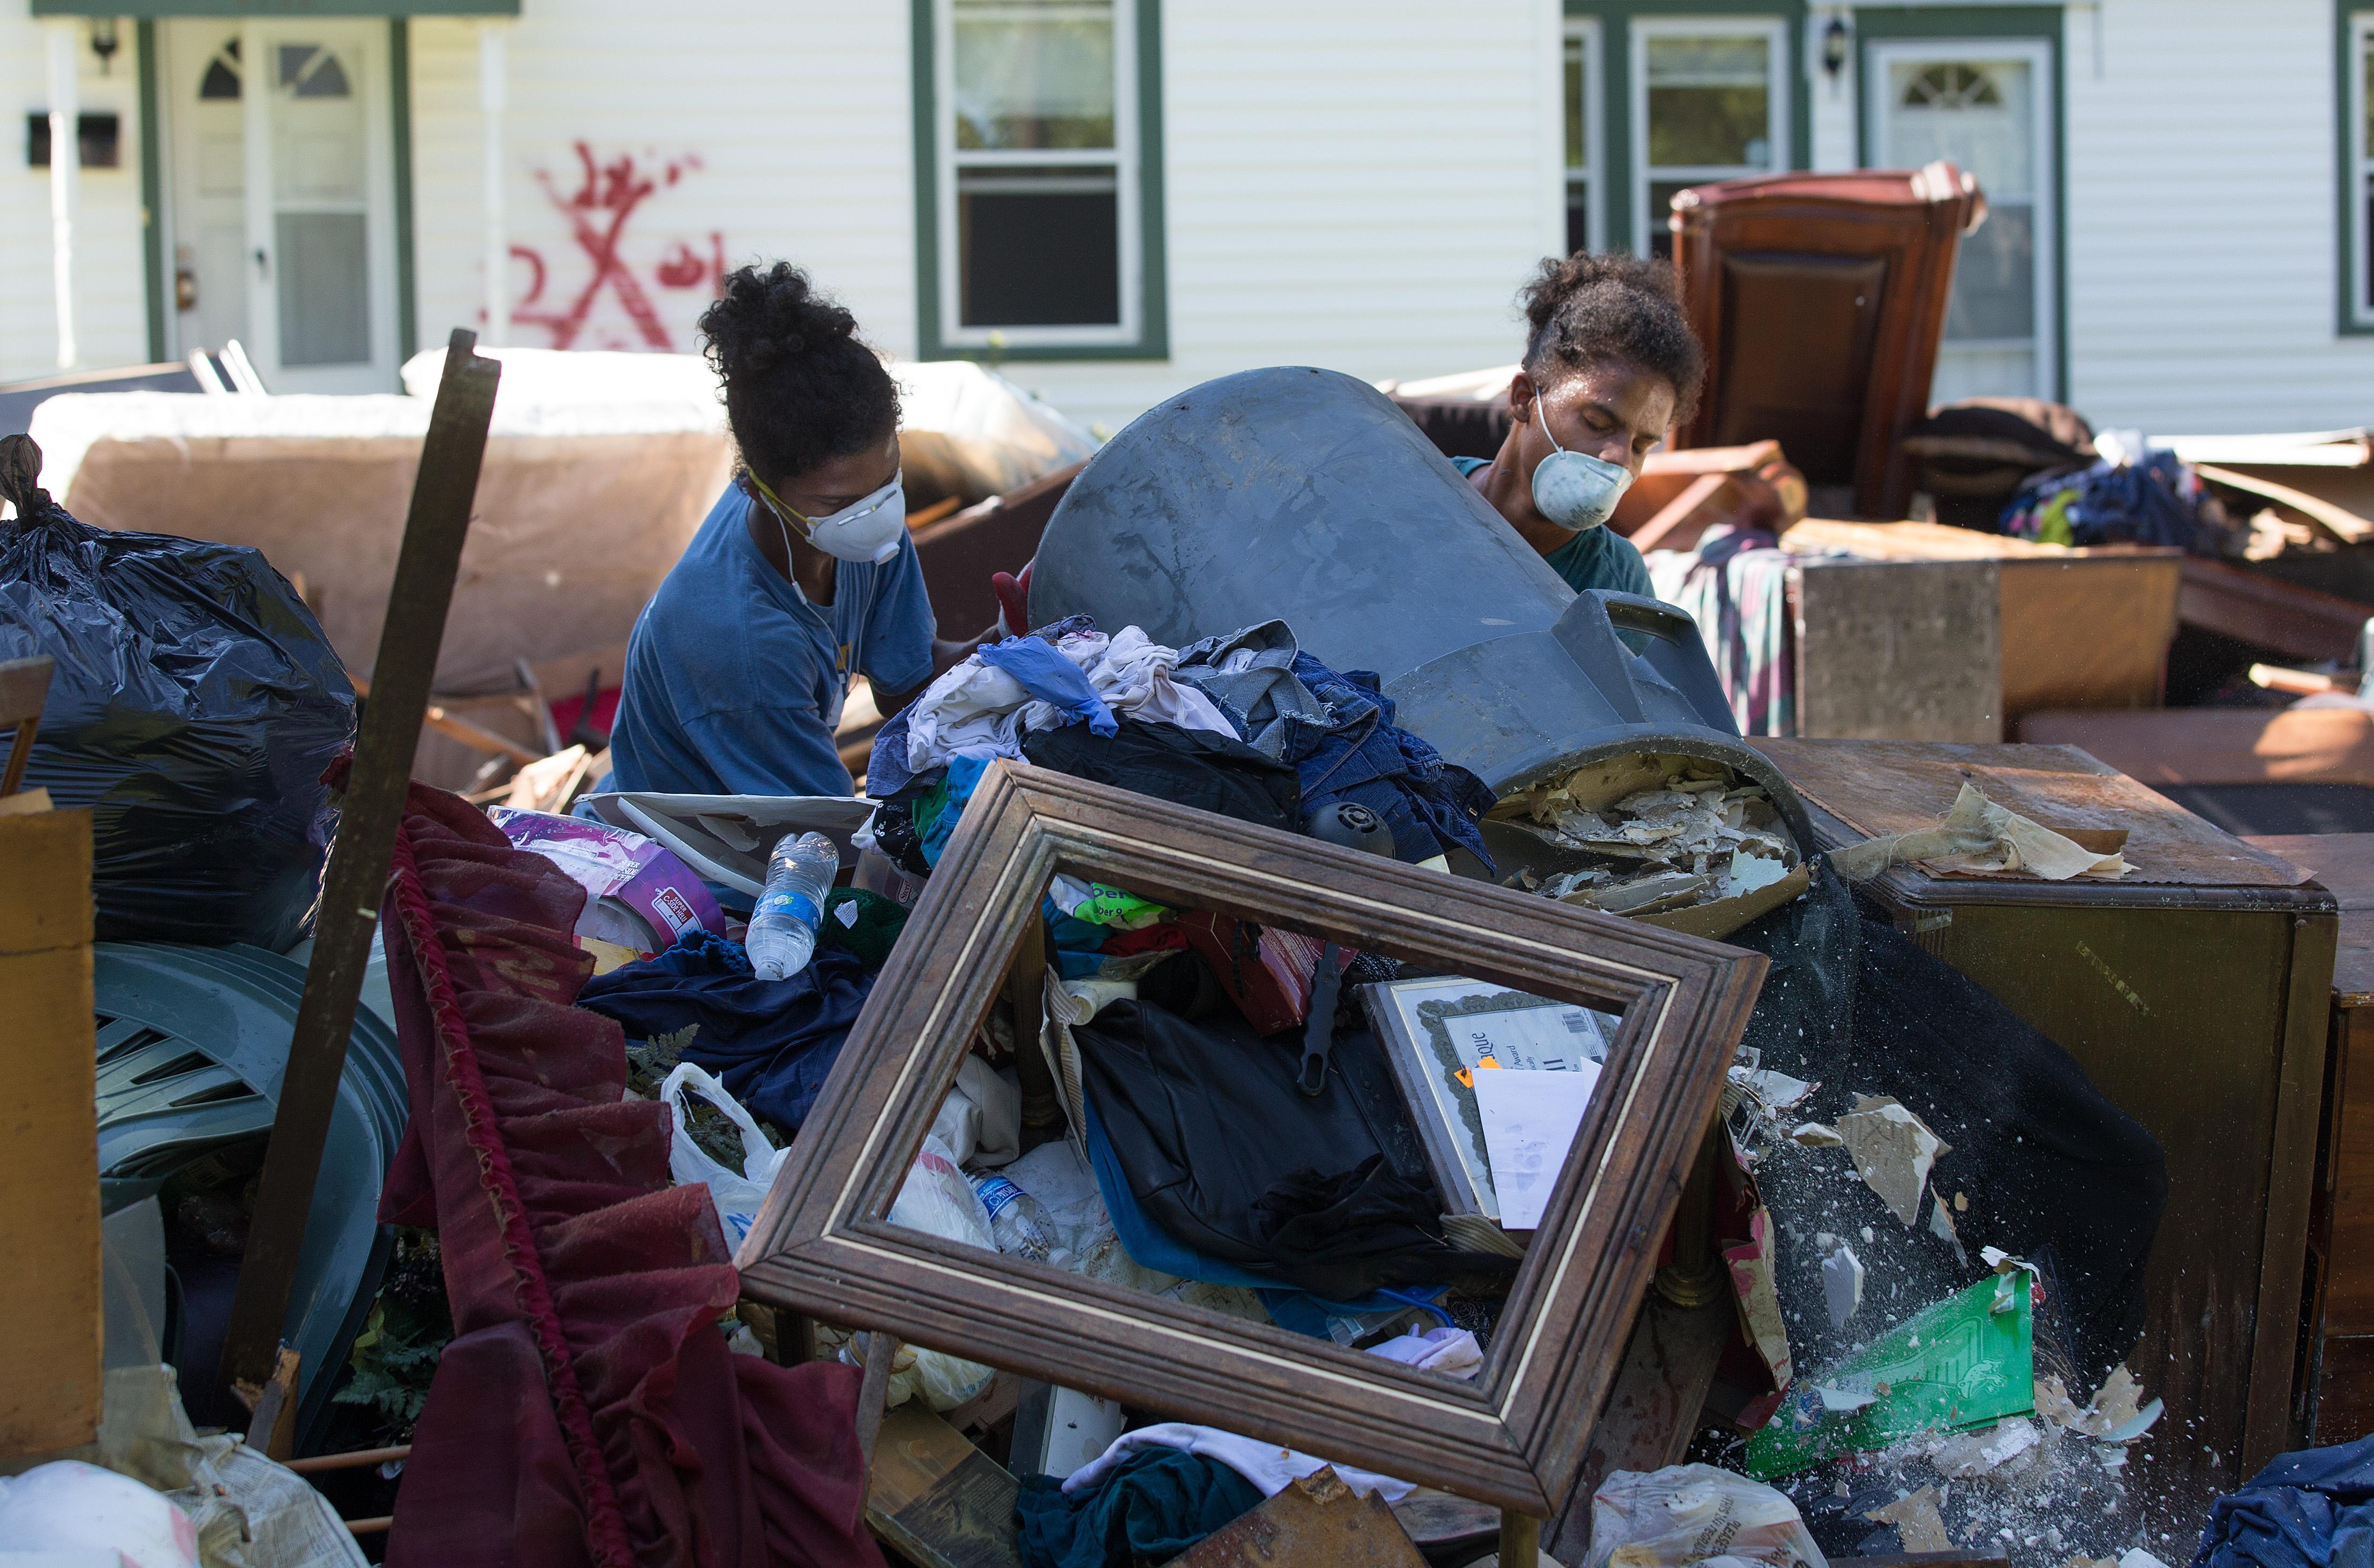 Jeremain (esquerda) e Jeremaih Robinson acumulam móveis arruinados de uma casa que foi fortemente danificada por inundações em Baton Rouge, La. Os gêmeos de 16 anos faziam parte de uma equipe voluntária da Primeira Igreja Metodista Unida em Baton Rouge. Foto de Mike DuBose, UMNS.